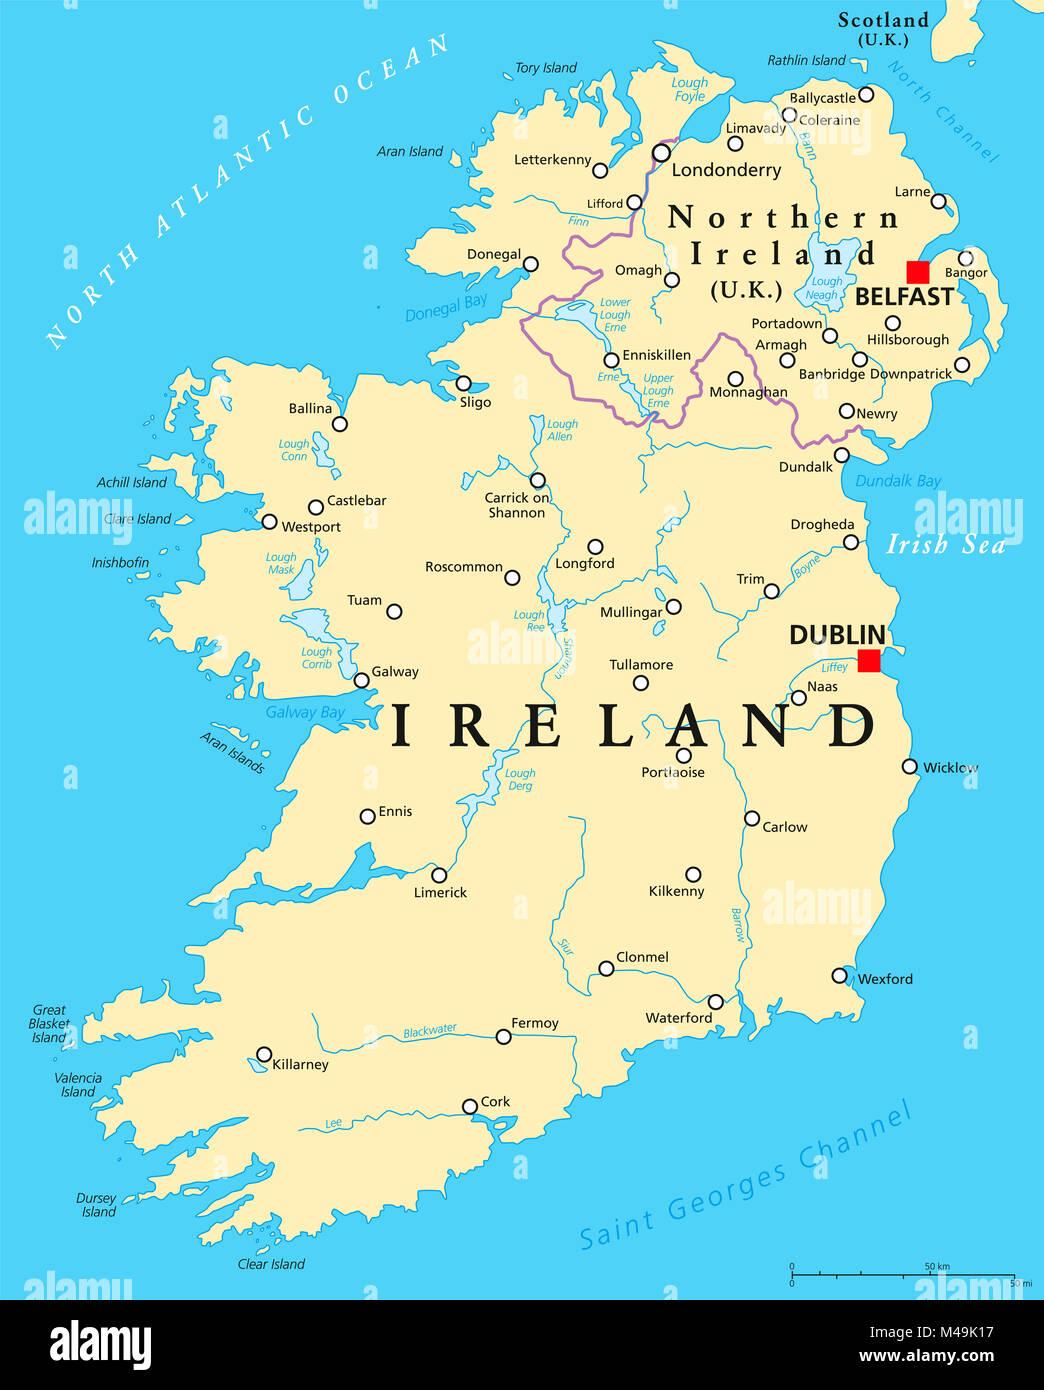 irlande du nord carte